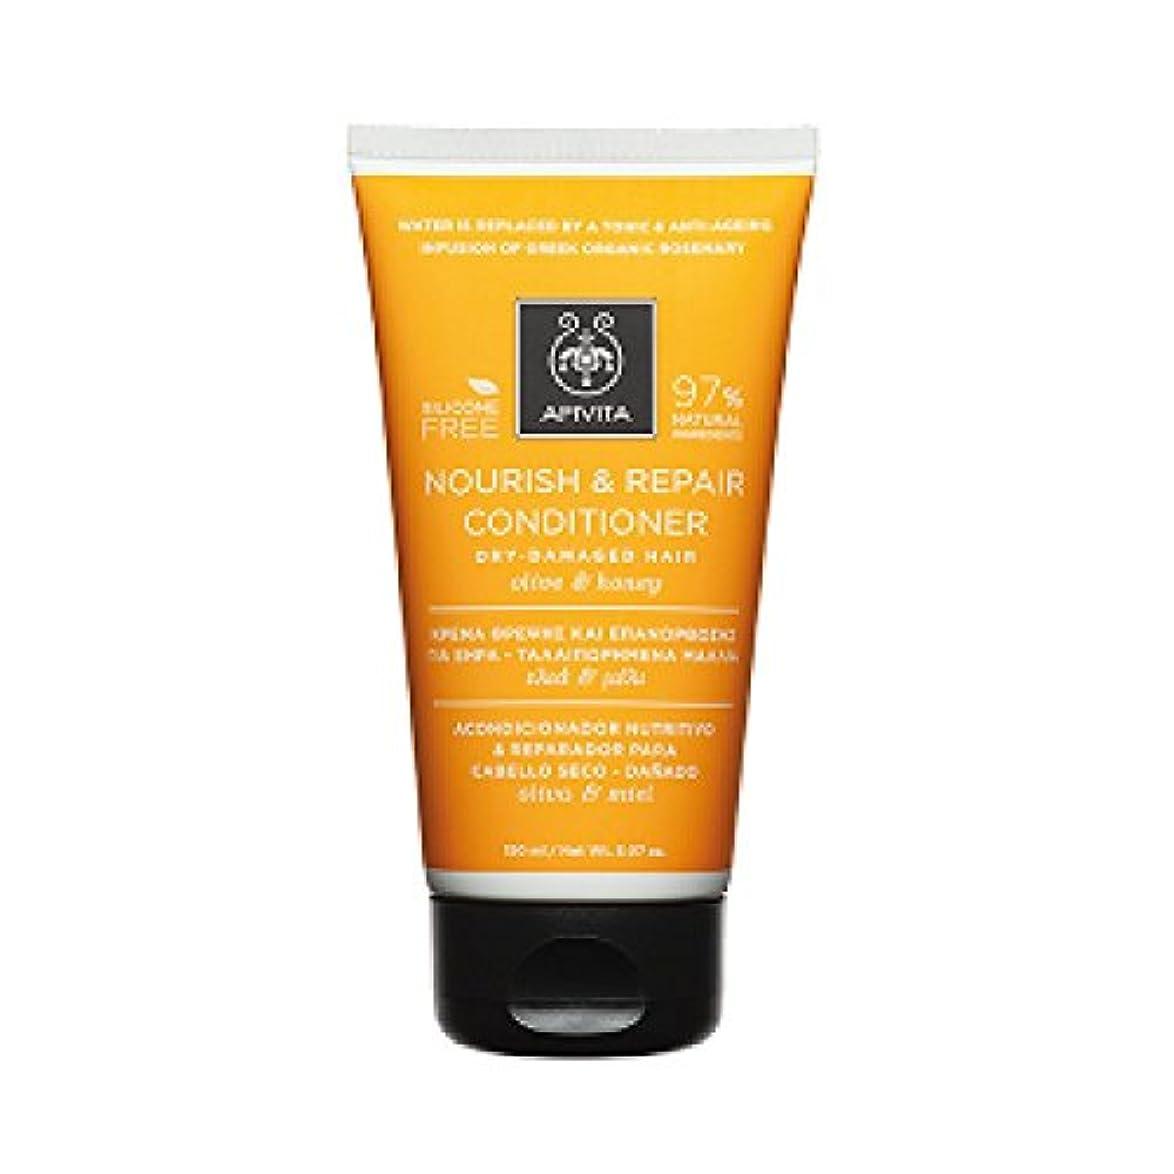 実行する聴覚見込みアピヴィータ Nourish & Repair Conditioner with Olive & Honey (For Dry-Damaged Hair) 150ml [並行輸入品]